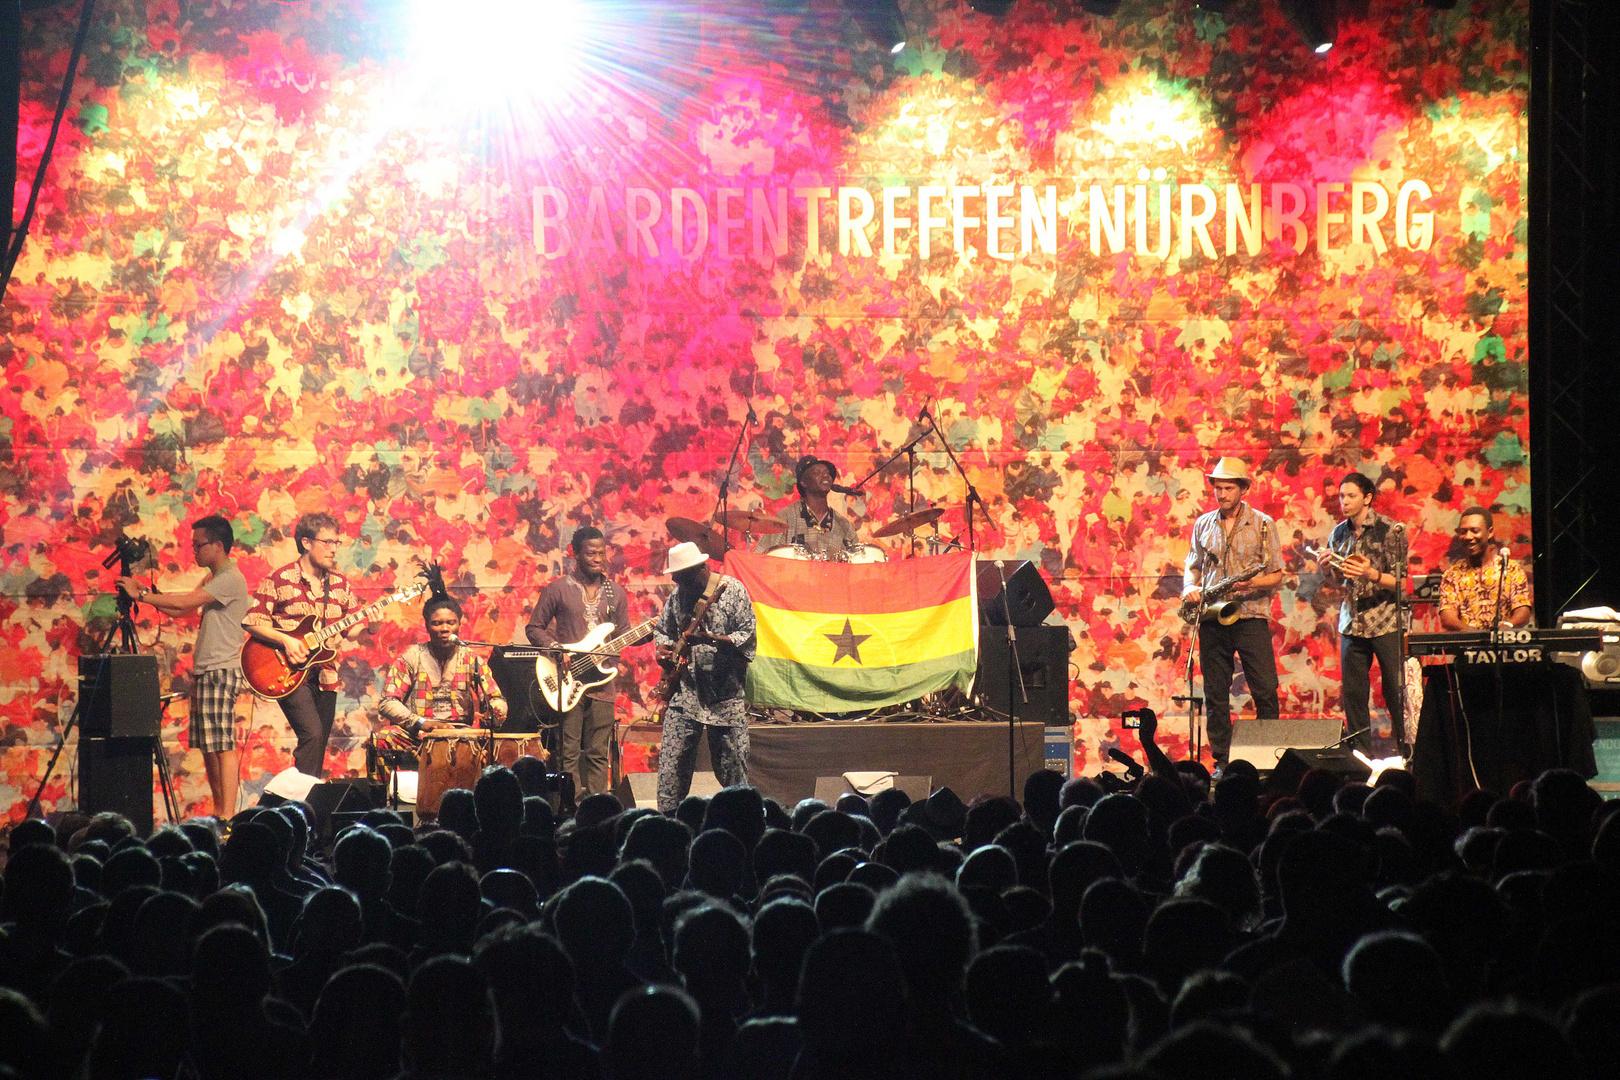 Bardenfest Nürnberg